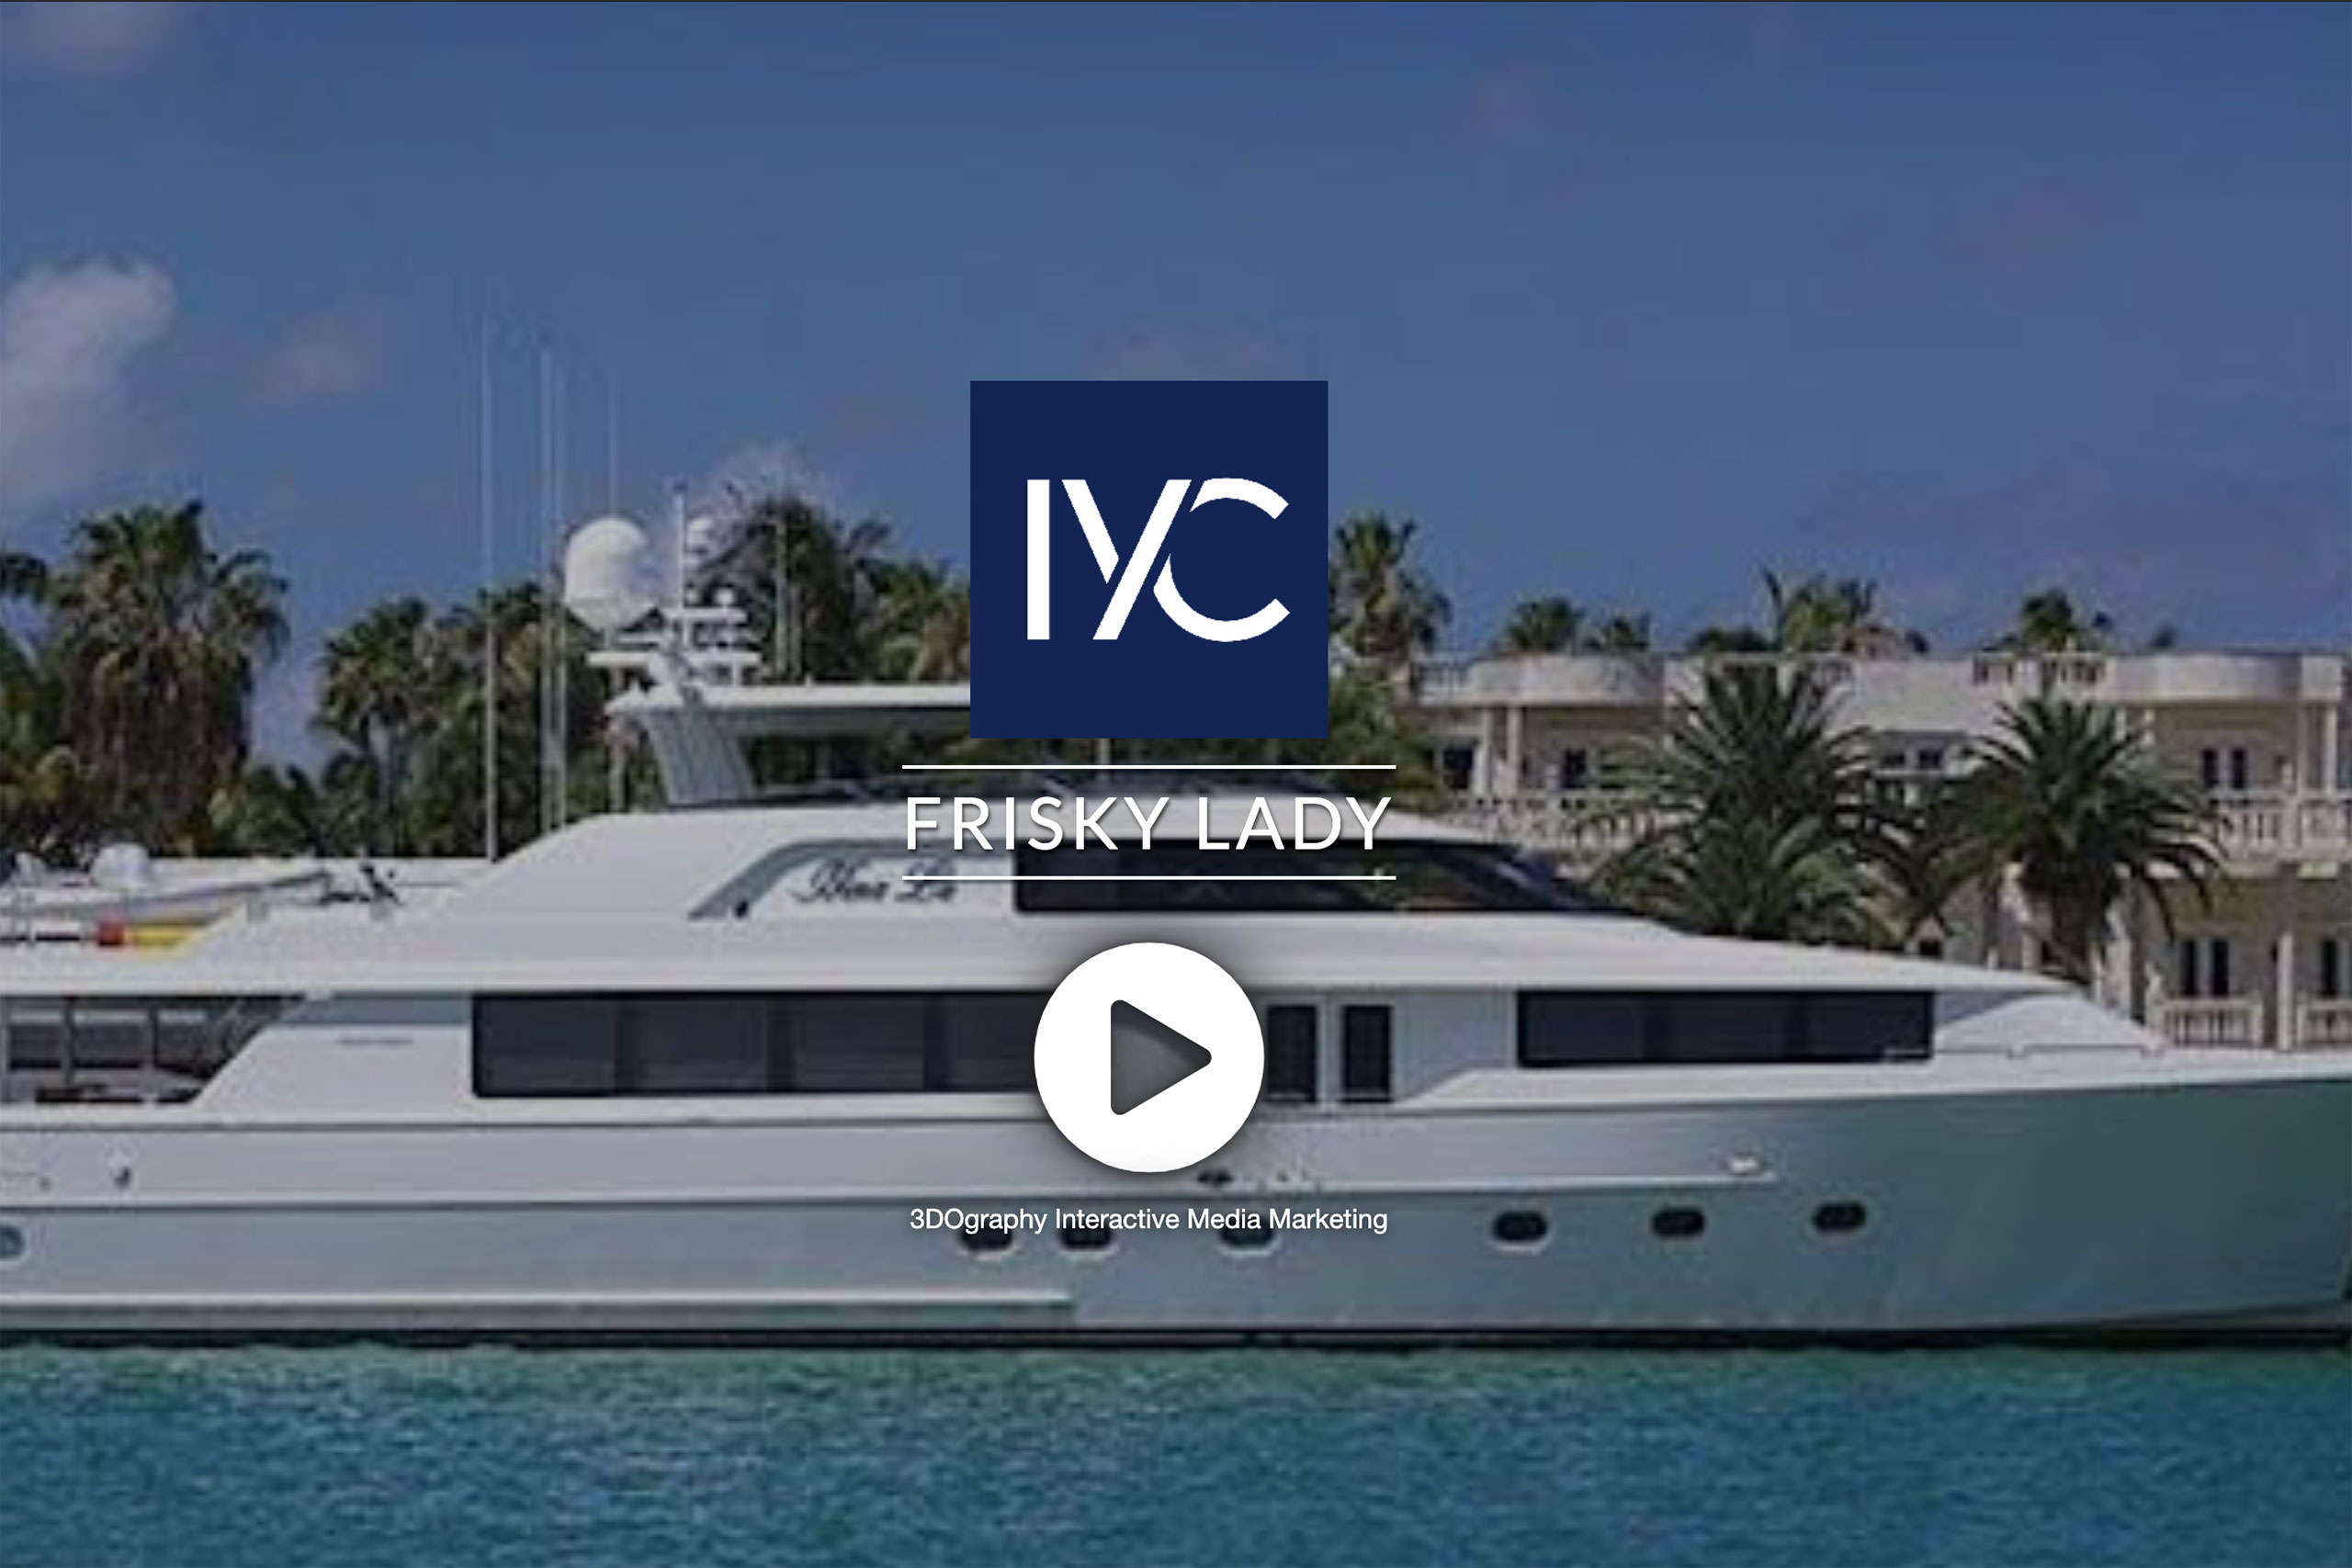 yacht-3d-tours-fort-lauderdale